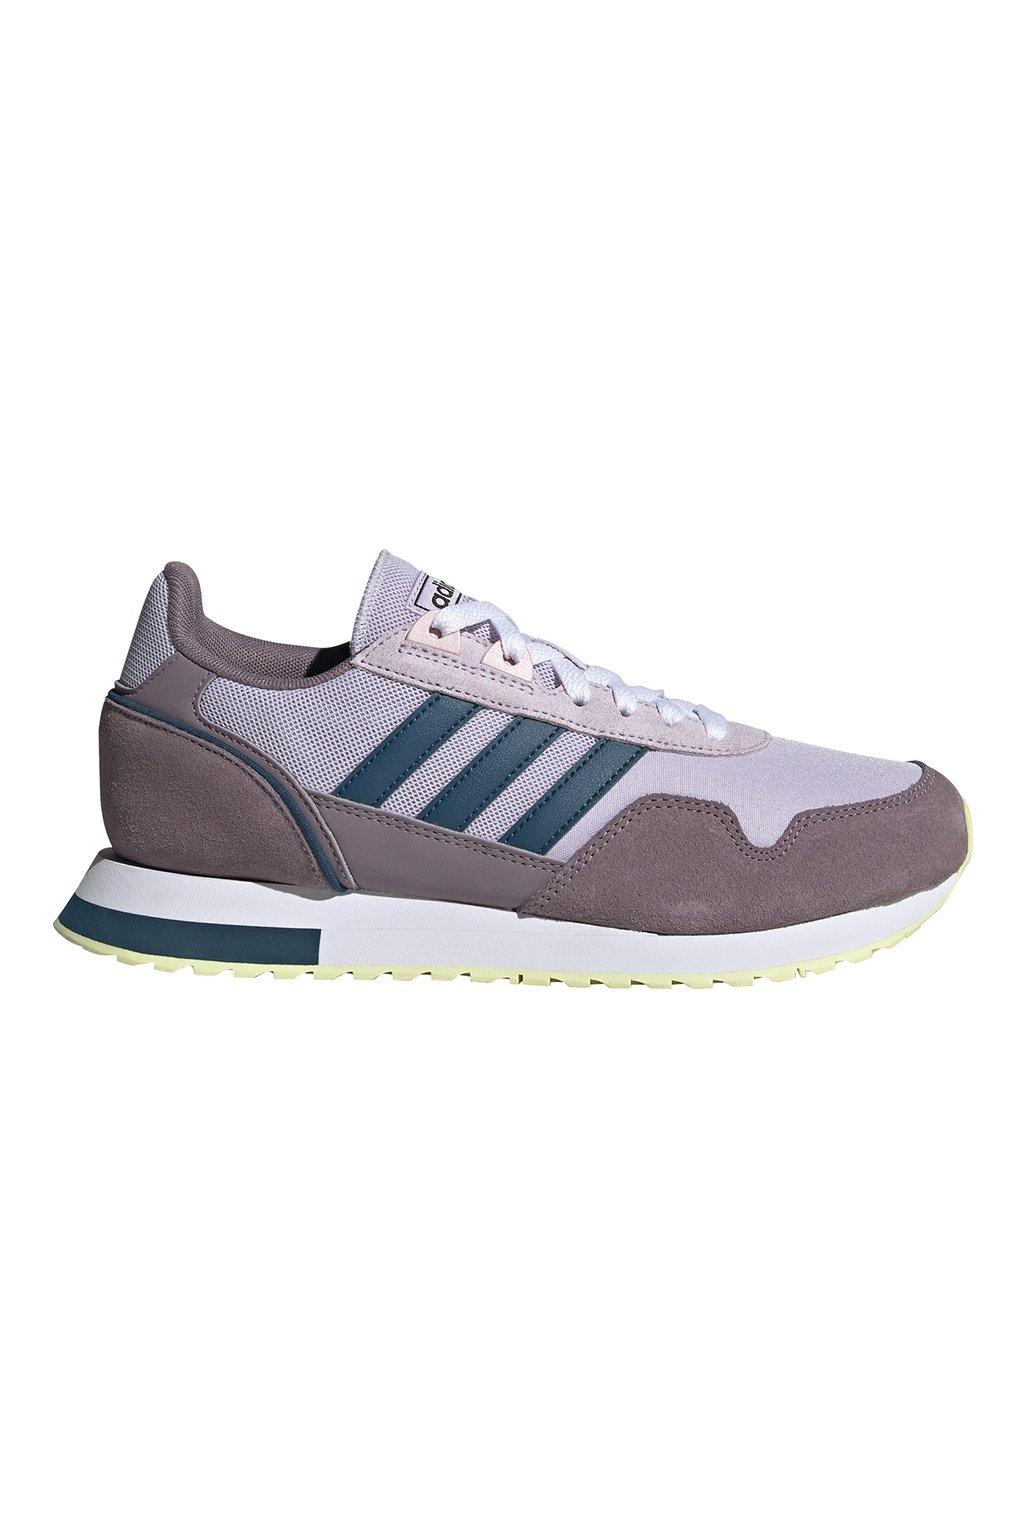 Dámske topánky Adidas 8K 2020 fialovo-modré EH1439